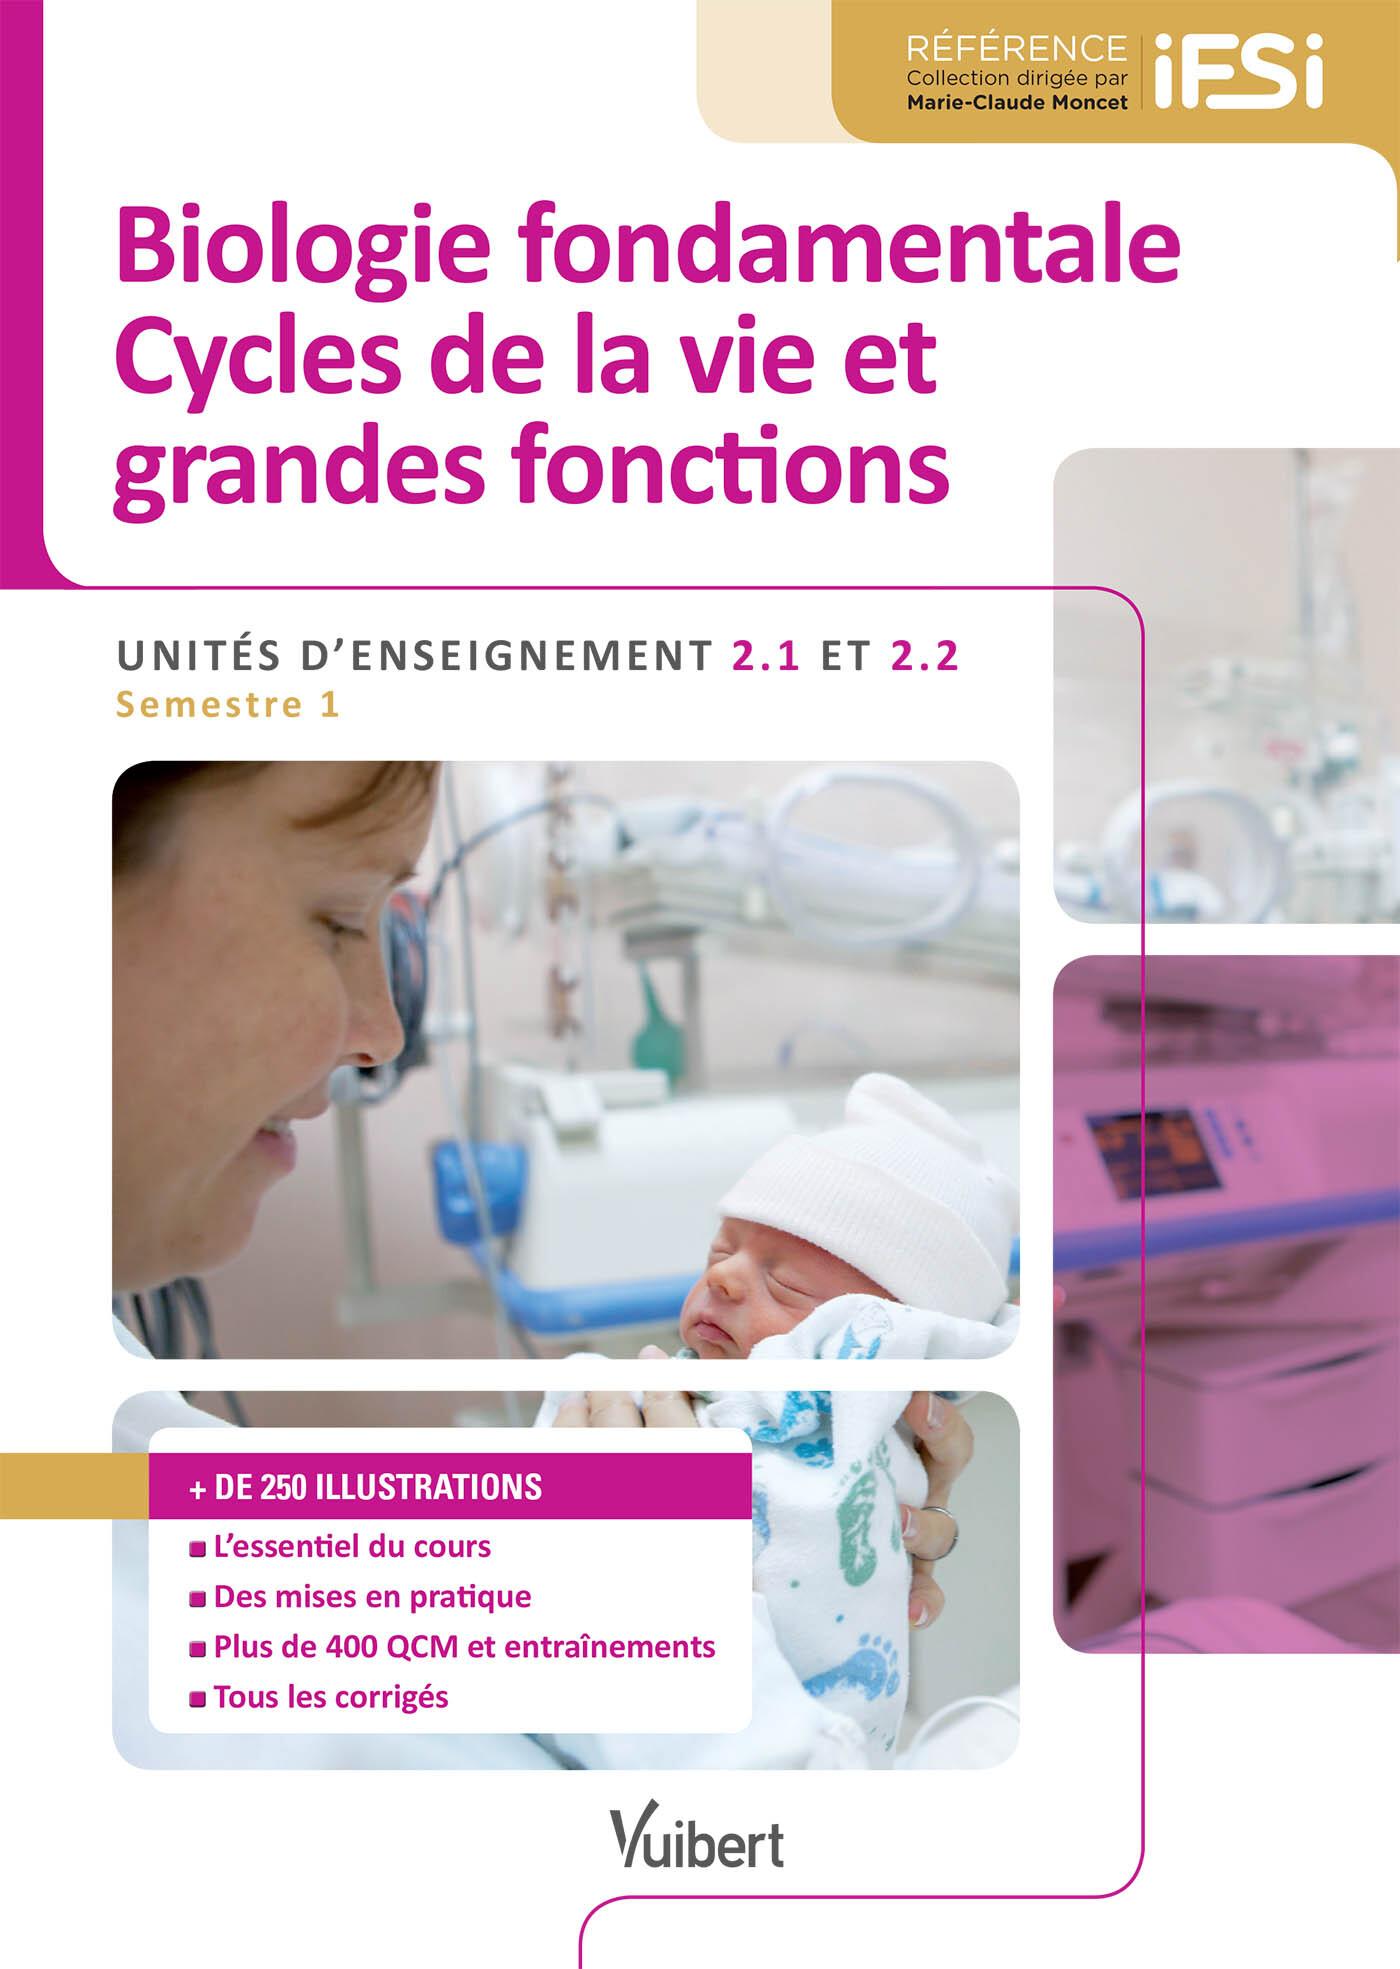 UE 2.1 2.2 BIOLOGIE FONDAMENTALE CYCLES DE LA VIE ET GRANDES FONCTIONS